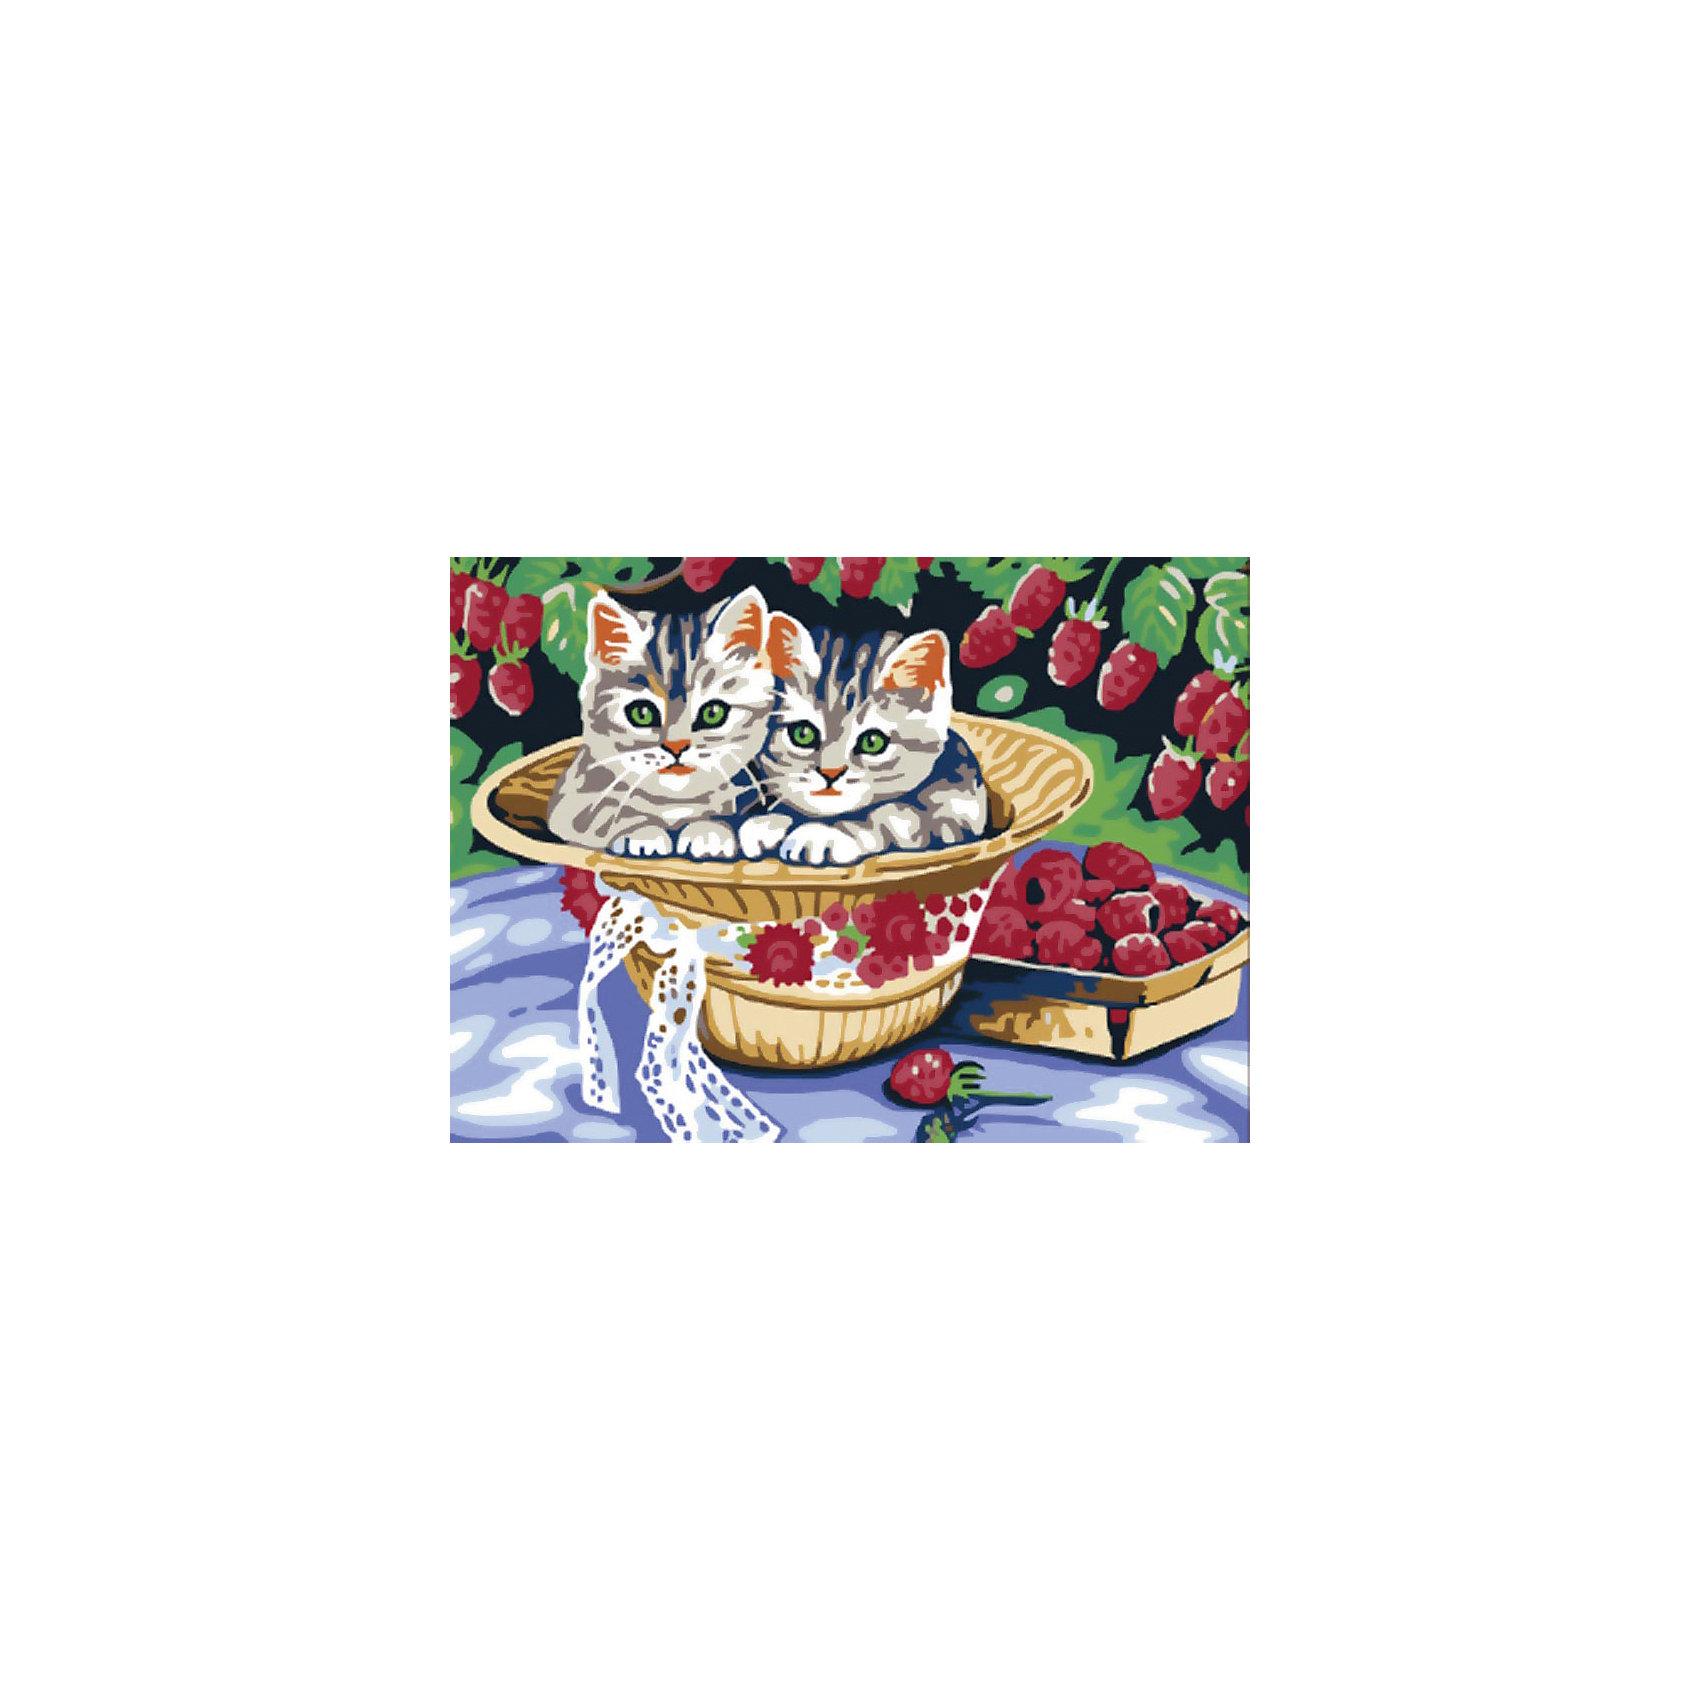 Живопись на холсте 30*40 см Котята в садуХарактеристики товара:<br><br>• цвет: разноцветный<br>• материал: акрил, картон<br>• размер: 30 x 40 см<br>• комплектация: полотно на подрамнике с контурами рисунка, пробный лист с рисунком, набор акриловых красок, три кисти, крепление на стену для картины<br>• для детей от шести лет и взрослых<br>• не требует специальных навыков<br>• страна бренда: Китай<br>• страна изготовитель: Китай<br><br>Рисование - это занятие, которое любят многие дети и взрослые. Оно помогает развить важные навыки и просто приносит удовольствие! Чтобы вселить в ребенка уверенность в своих силах, можно предложить ему этот набор - в нем уже есть сюжет, контуры рисунка и участки с номерами, которые обозначают определенную краску из набора. Все оттенки уже готовы, задача художника - аккуратно, с помощью кисточек из набора, нанести краски на определенный участок полотна.<br>Взрослым также понравится этот процесс, рисовать можно и вместе с малышом! В итоге получается красивая картина, которой можно украсить интерьер. Рисование способствует развитию мелкой моторики, воображения, цветовосприятия, творческих способностей и усидчивости. Набор отлично проработан, сделан из качественных и проверенных материалов, которые безопасны для детей. Краски - акриловые, они быстро сохнут и легко смываются с кожи.<br><br>Живопись на холсте 30*40 см Котята в саду от торговой марки Белоснежка можно купить в нашем интернет-магазине.<br><br>Ширина мм: 410<br>Глубина мм: 310<br>Высота мм: 25<br>Вес г: 567<br>Возраст от месяцев: 72<br>Возраст до месяцев: 144<br>Пол: Унисекс<br>Возраст: Детский<br>SKU: 5089634